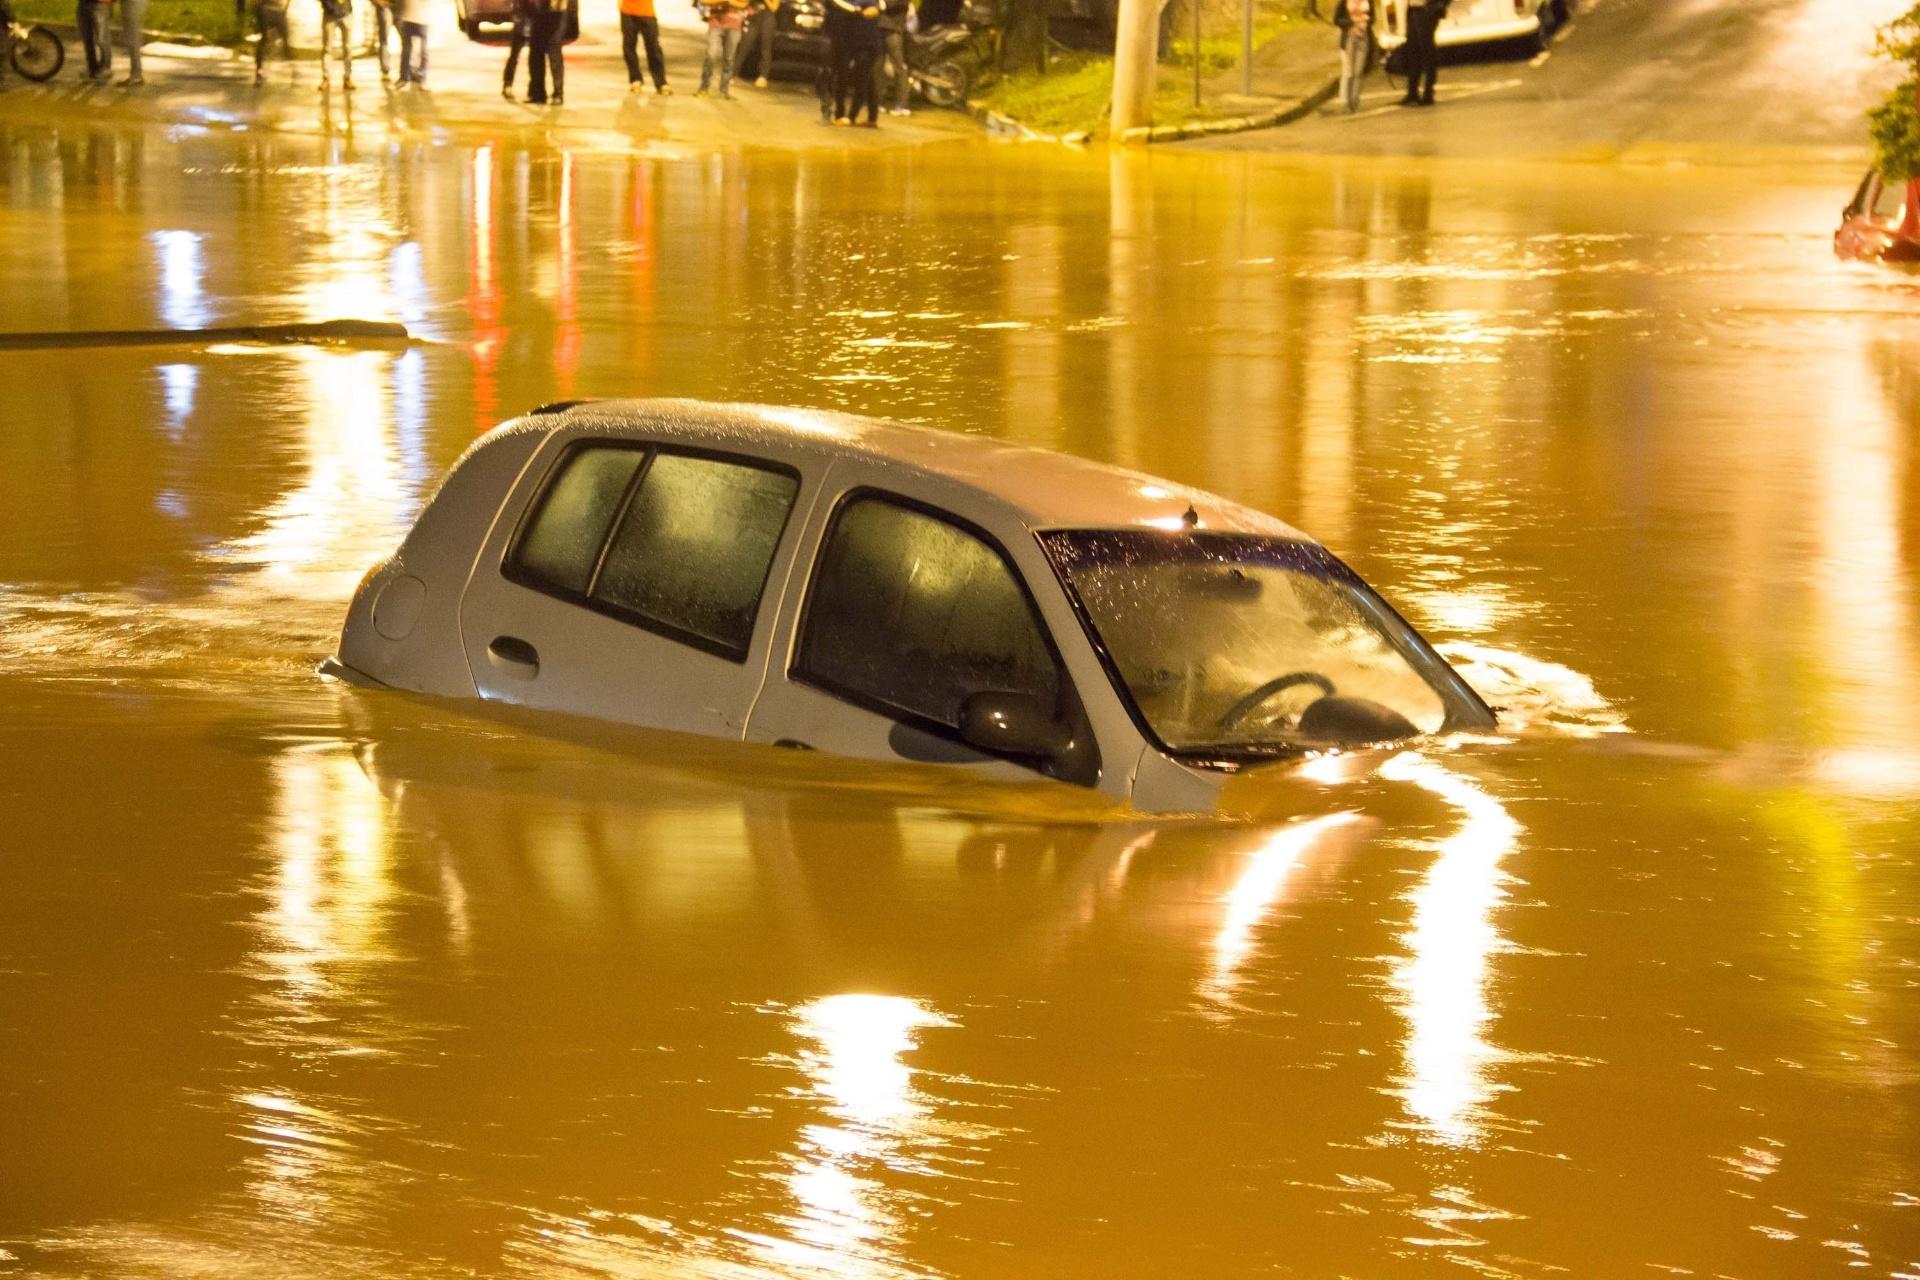 11mar2016 Carros Boiam Em Alagamento No Centro De Caieiras Na Grande Sao Paulo Pessoas Ficaram Ilhadas 1457694324282 1920x1280